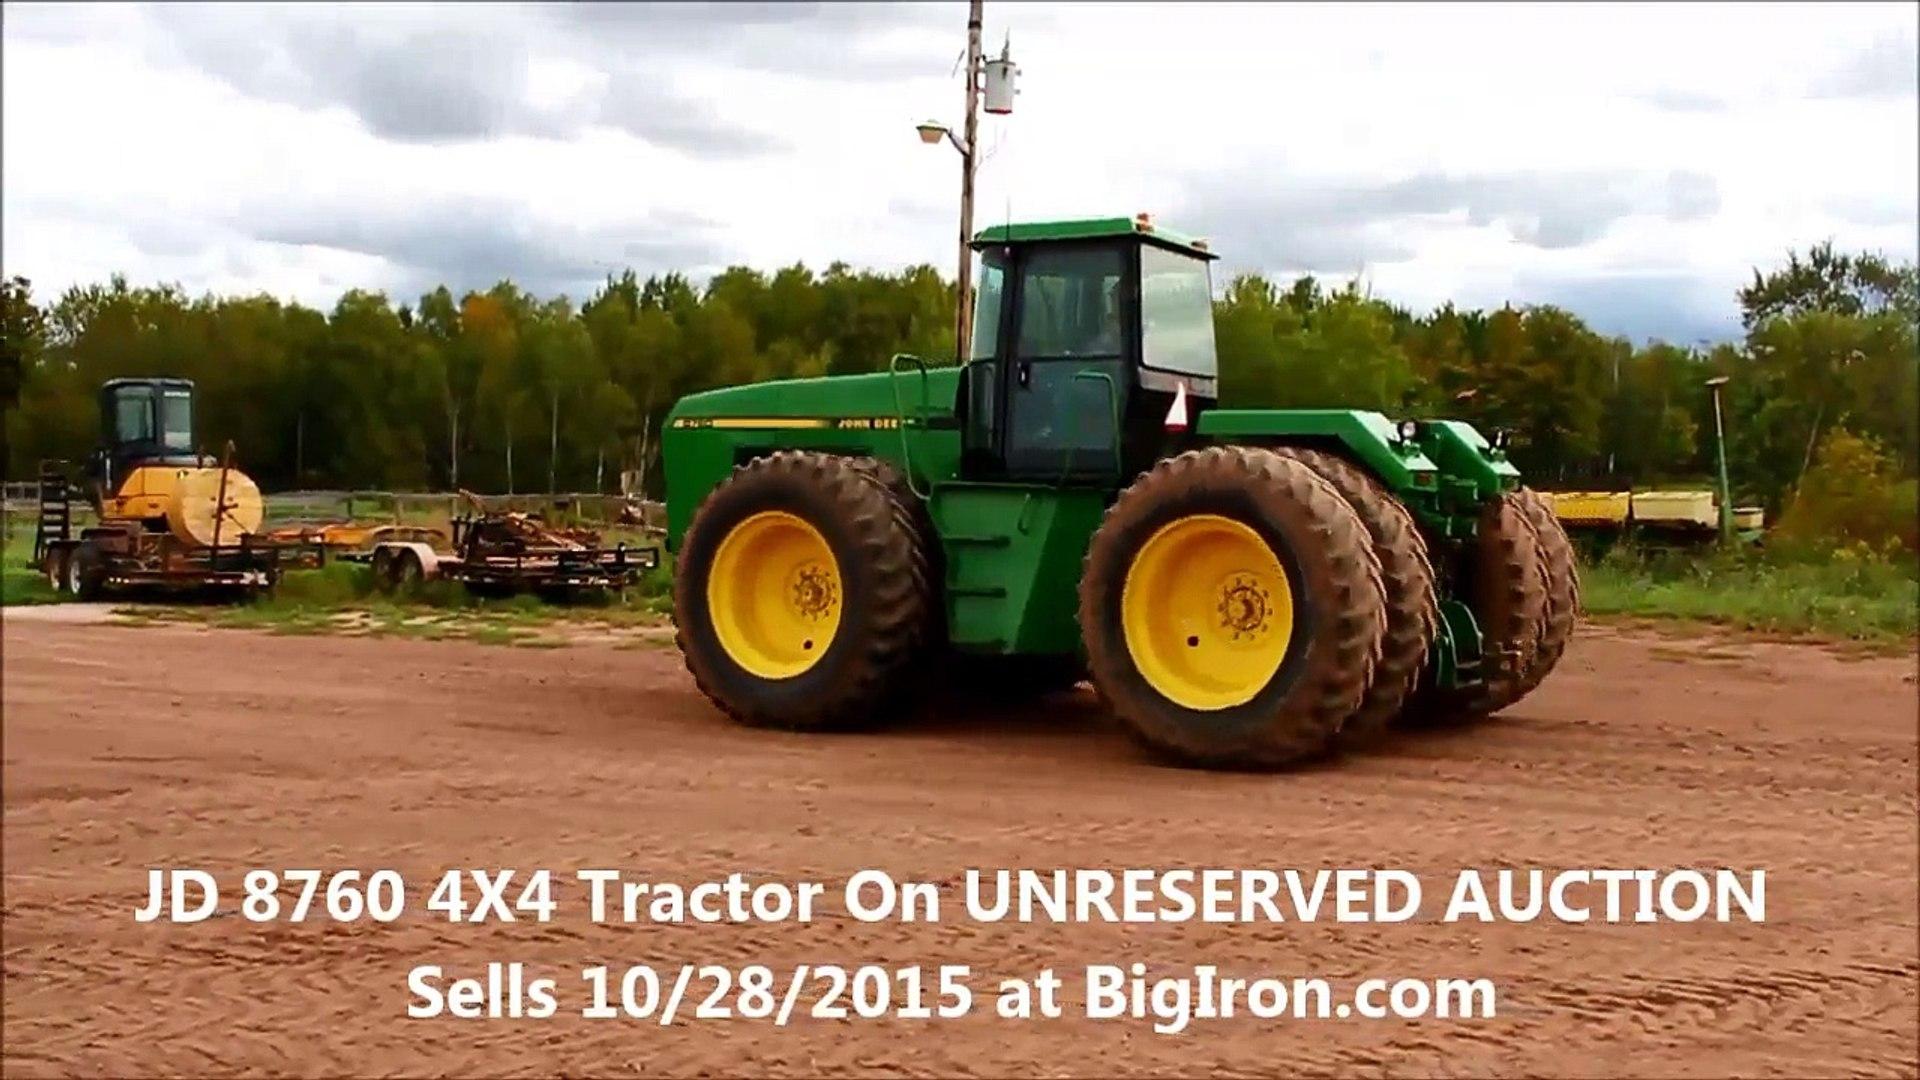 Big Iron Auctions 10/28/2015 John Deere 8760 4X4 Tractor